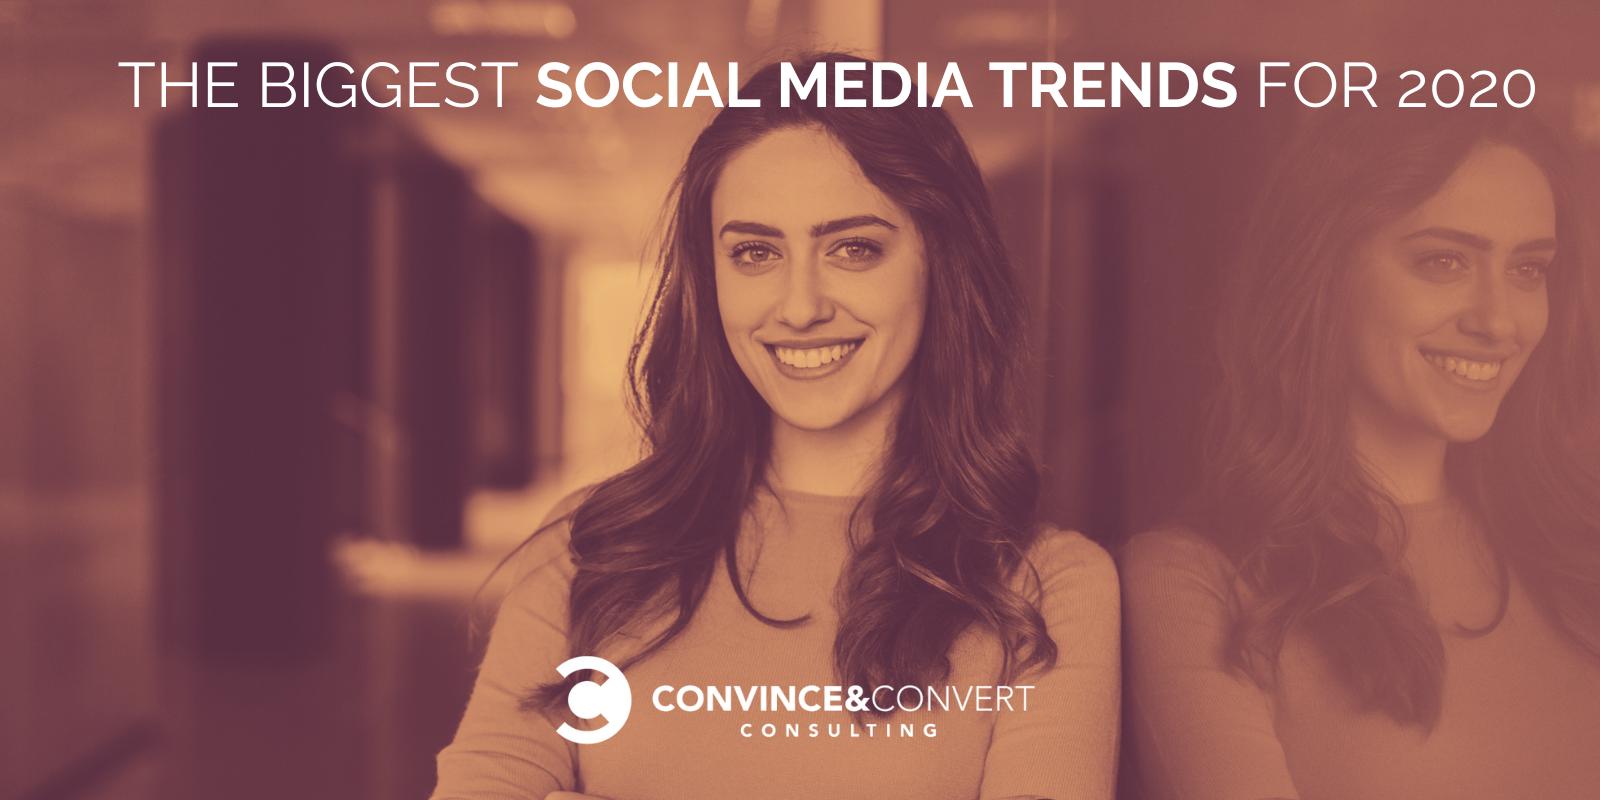 Le maggiori tendenze sui social media per il 2020